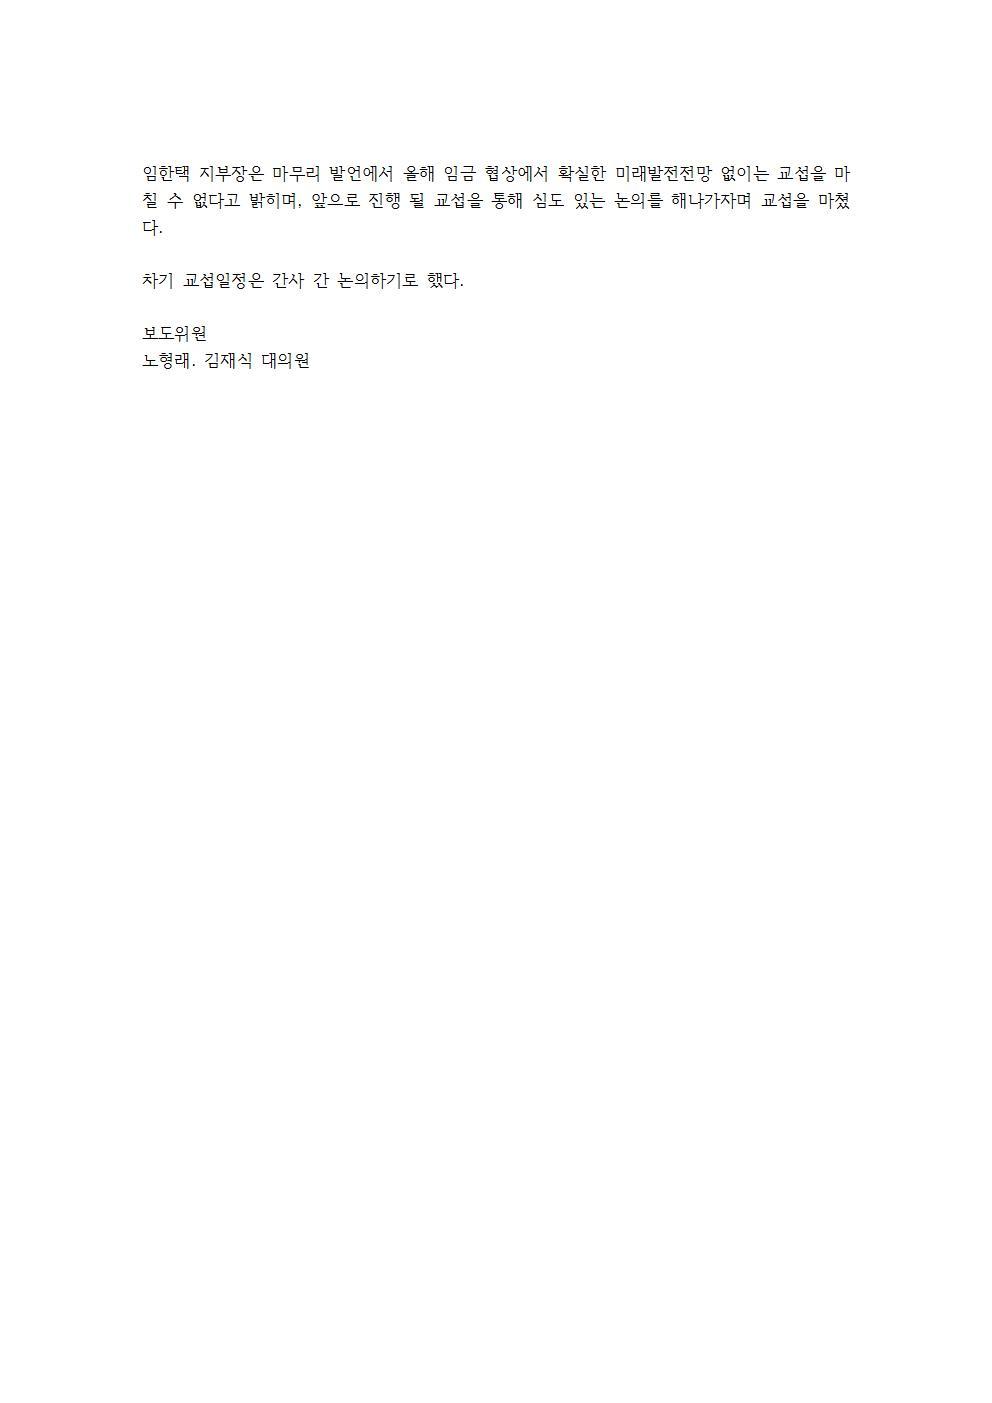 2017년 임금협상 5차 교섭002.jpg